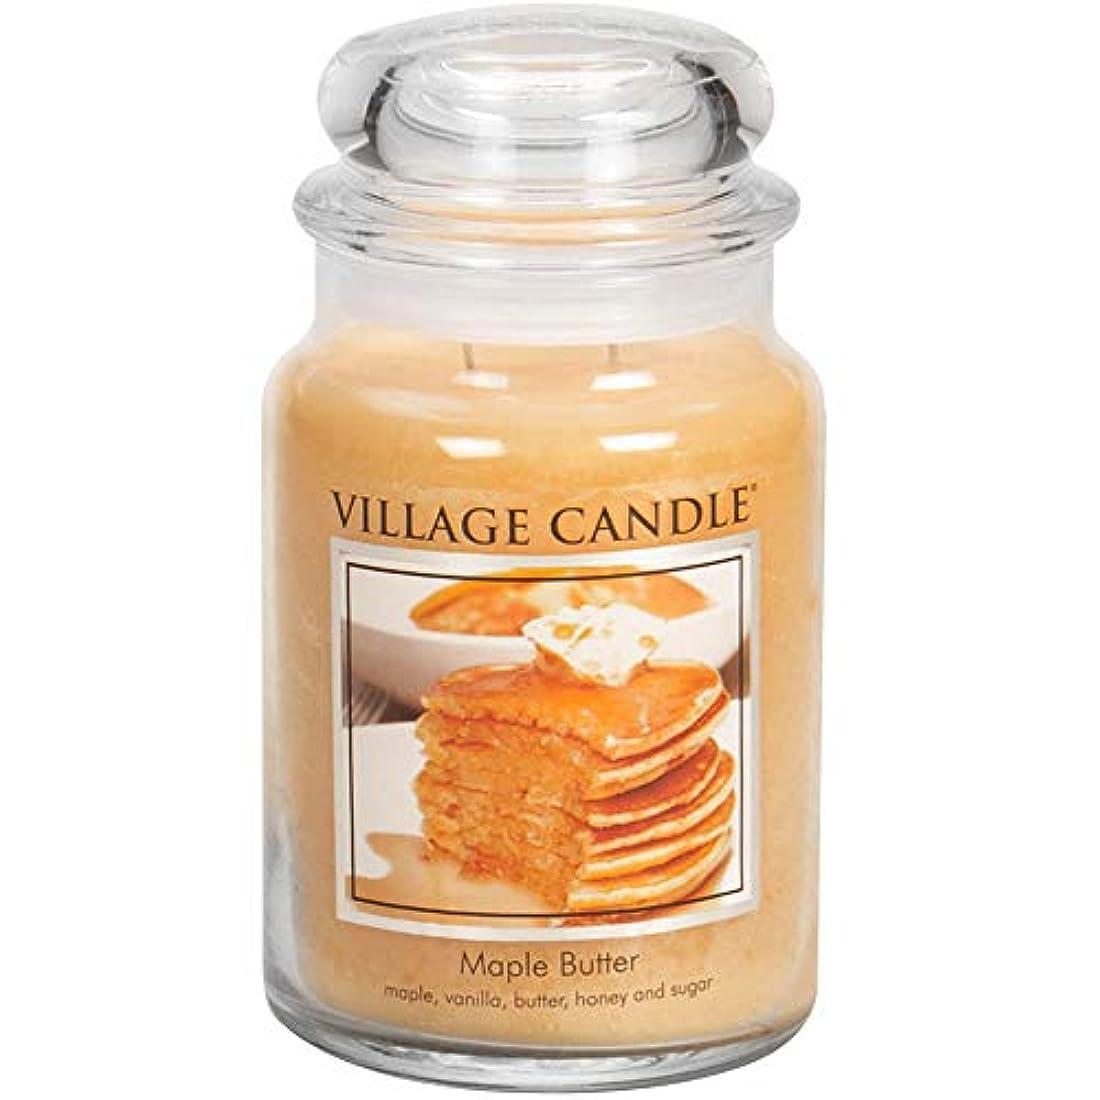 偽善者音声学ナビゲーションVillage Candle Large Fragranced Candle Jar - 17cm x 10cm - 26oz (1219g)- Maple Butter - upto 170 hours burn time by Village Candle